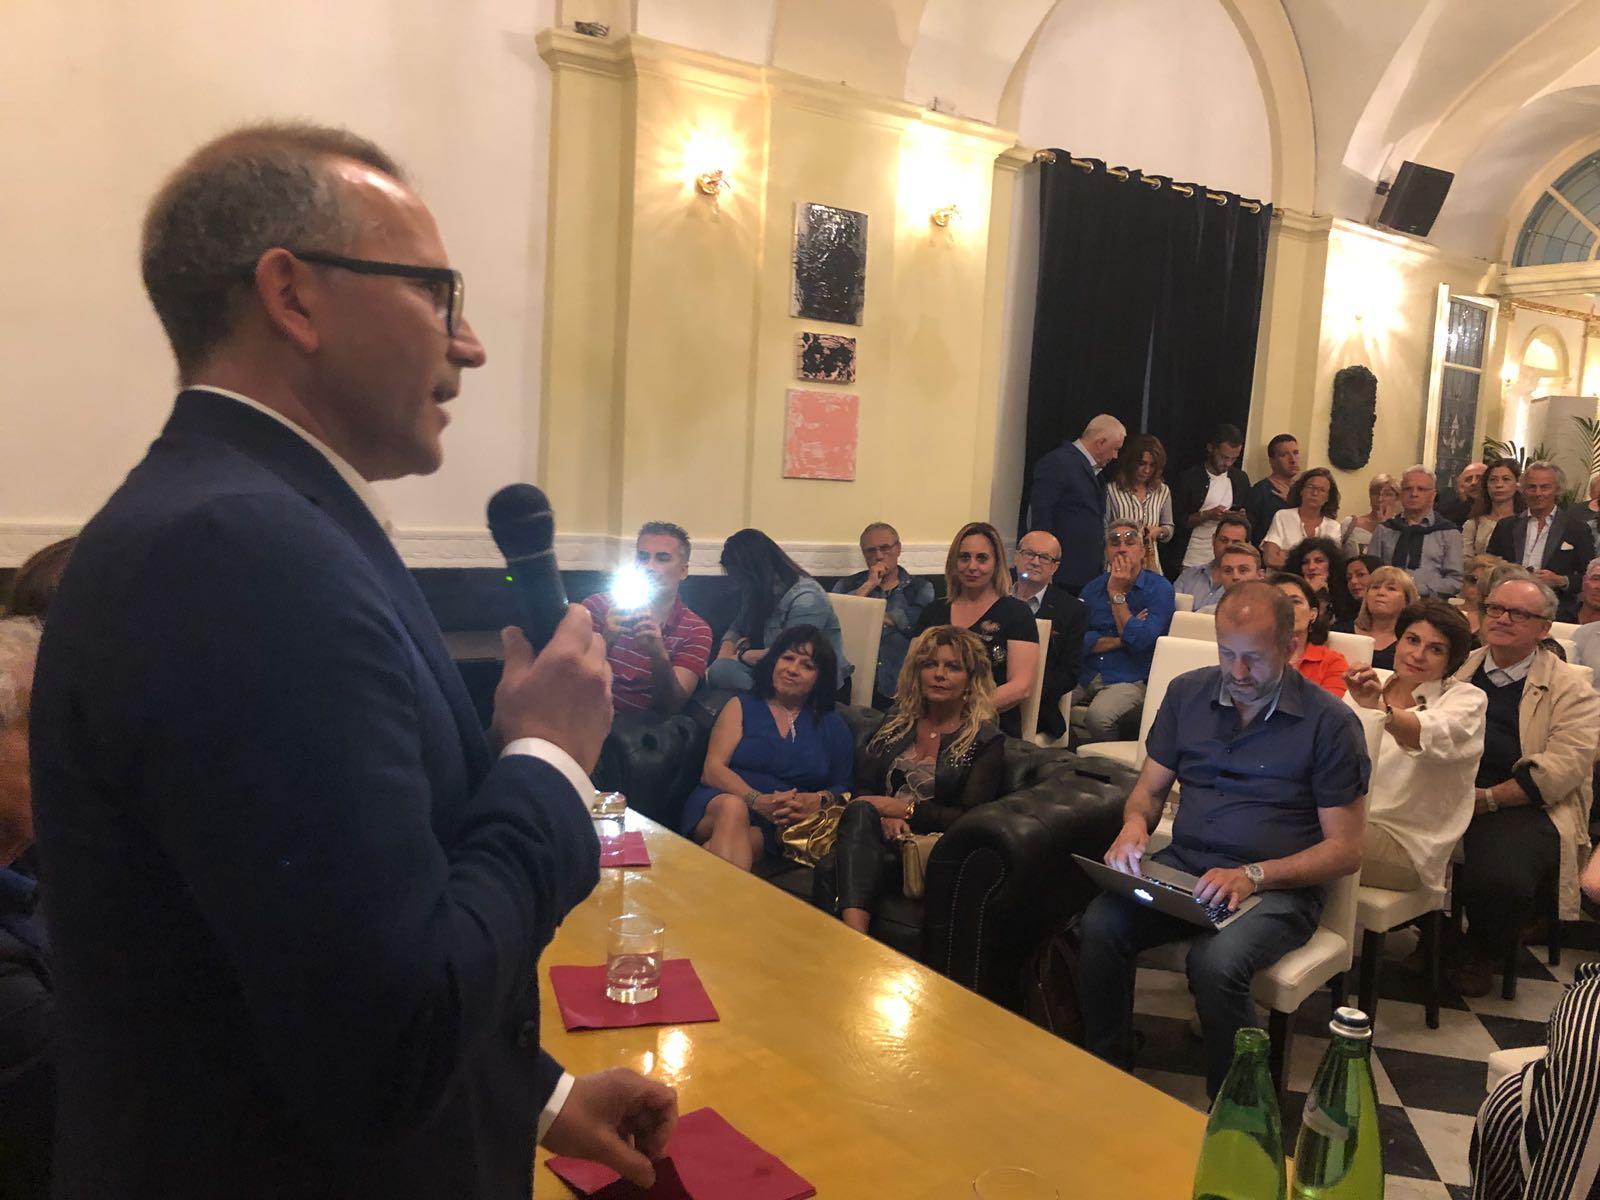 """Comunali: """"Farò politica come servizio pubblico, il mio lavoro già ce l'ho"""", cittapaese.it incontra il candidato Fabrizio Purchiaroni (Forza Italia)"""